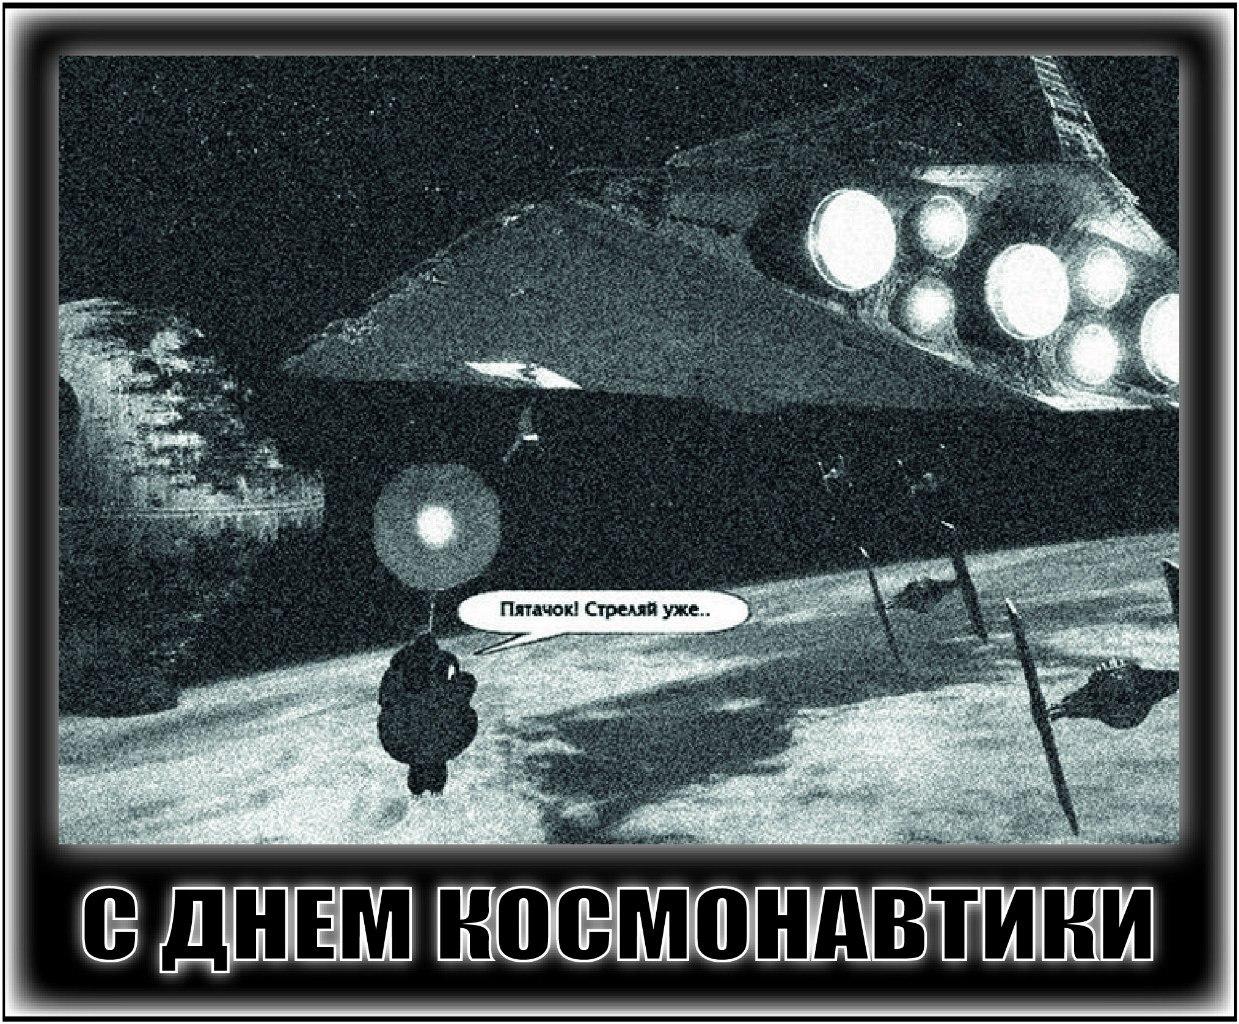 Лесков очарованный странник аудиокнига скачать бесплатно открыл